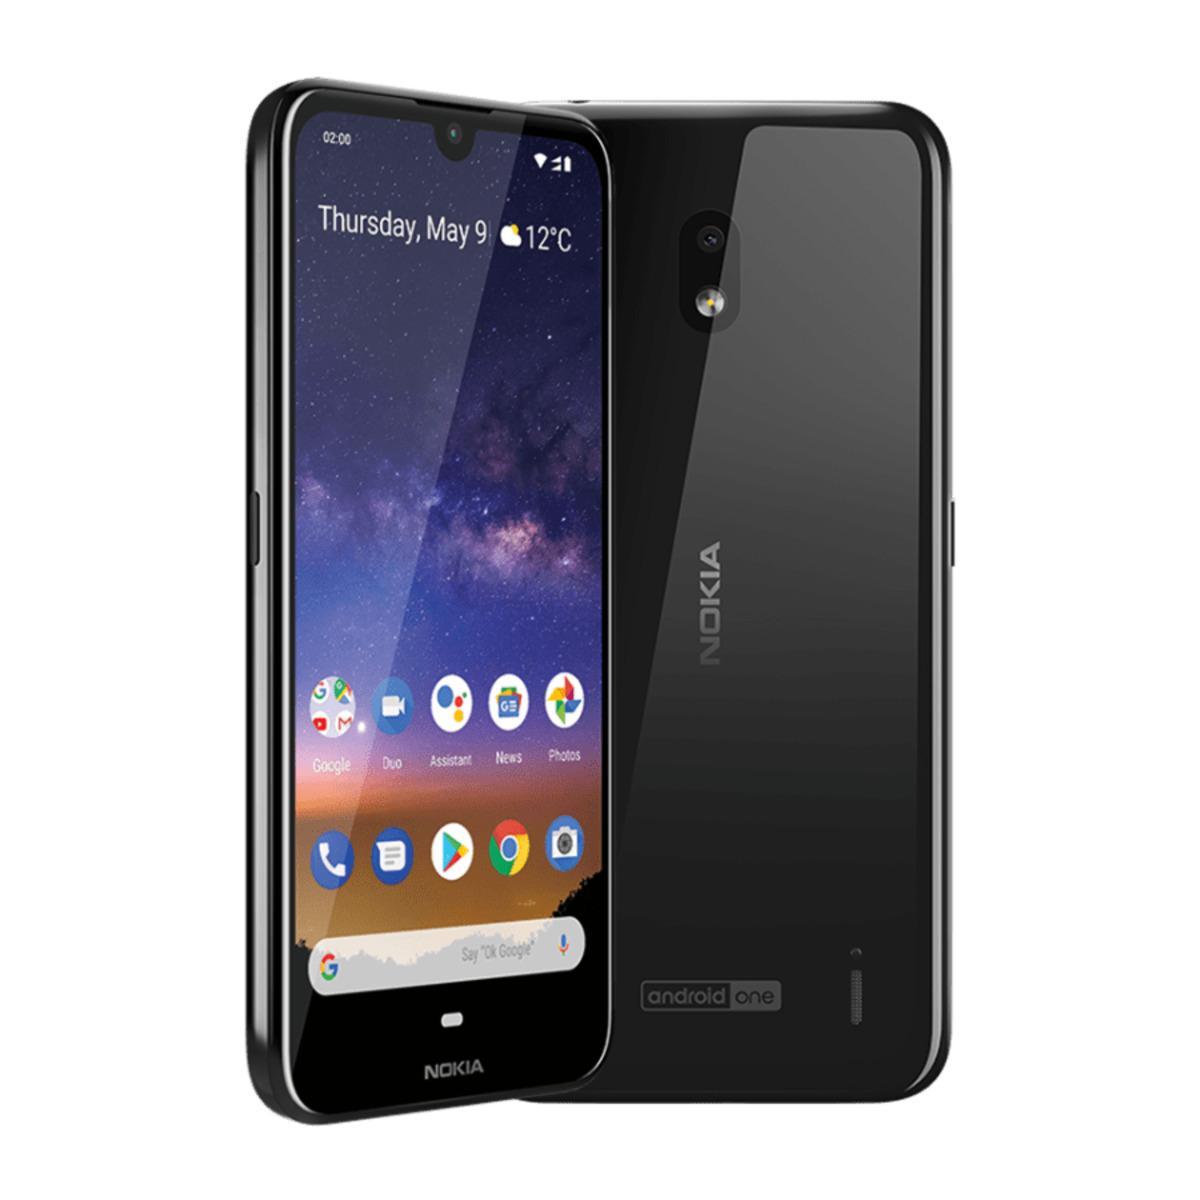 """Bild 1 von NOKIA 2.2 (2019) 14,5 cm (5,71"""") Smartphone mit Android 9"""